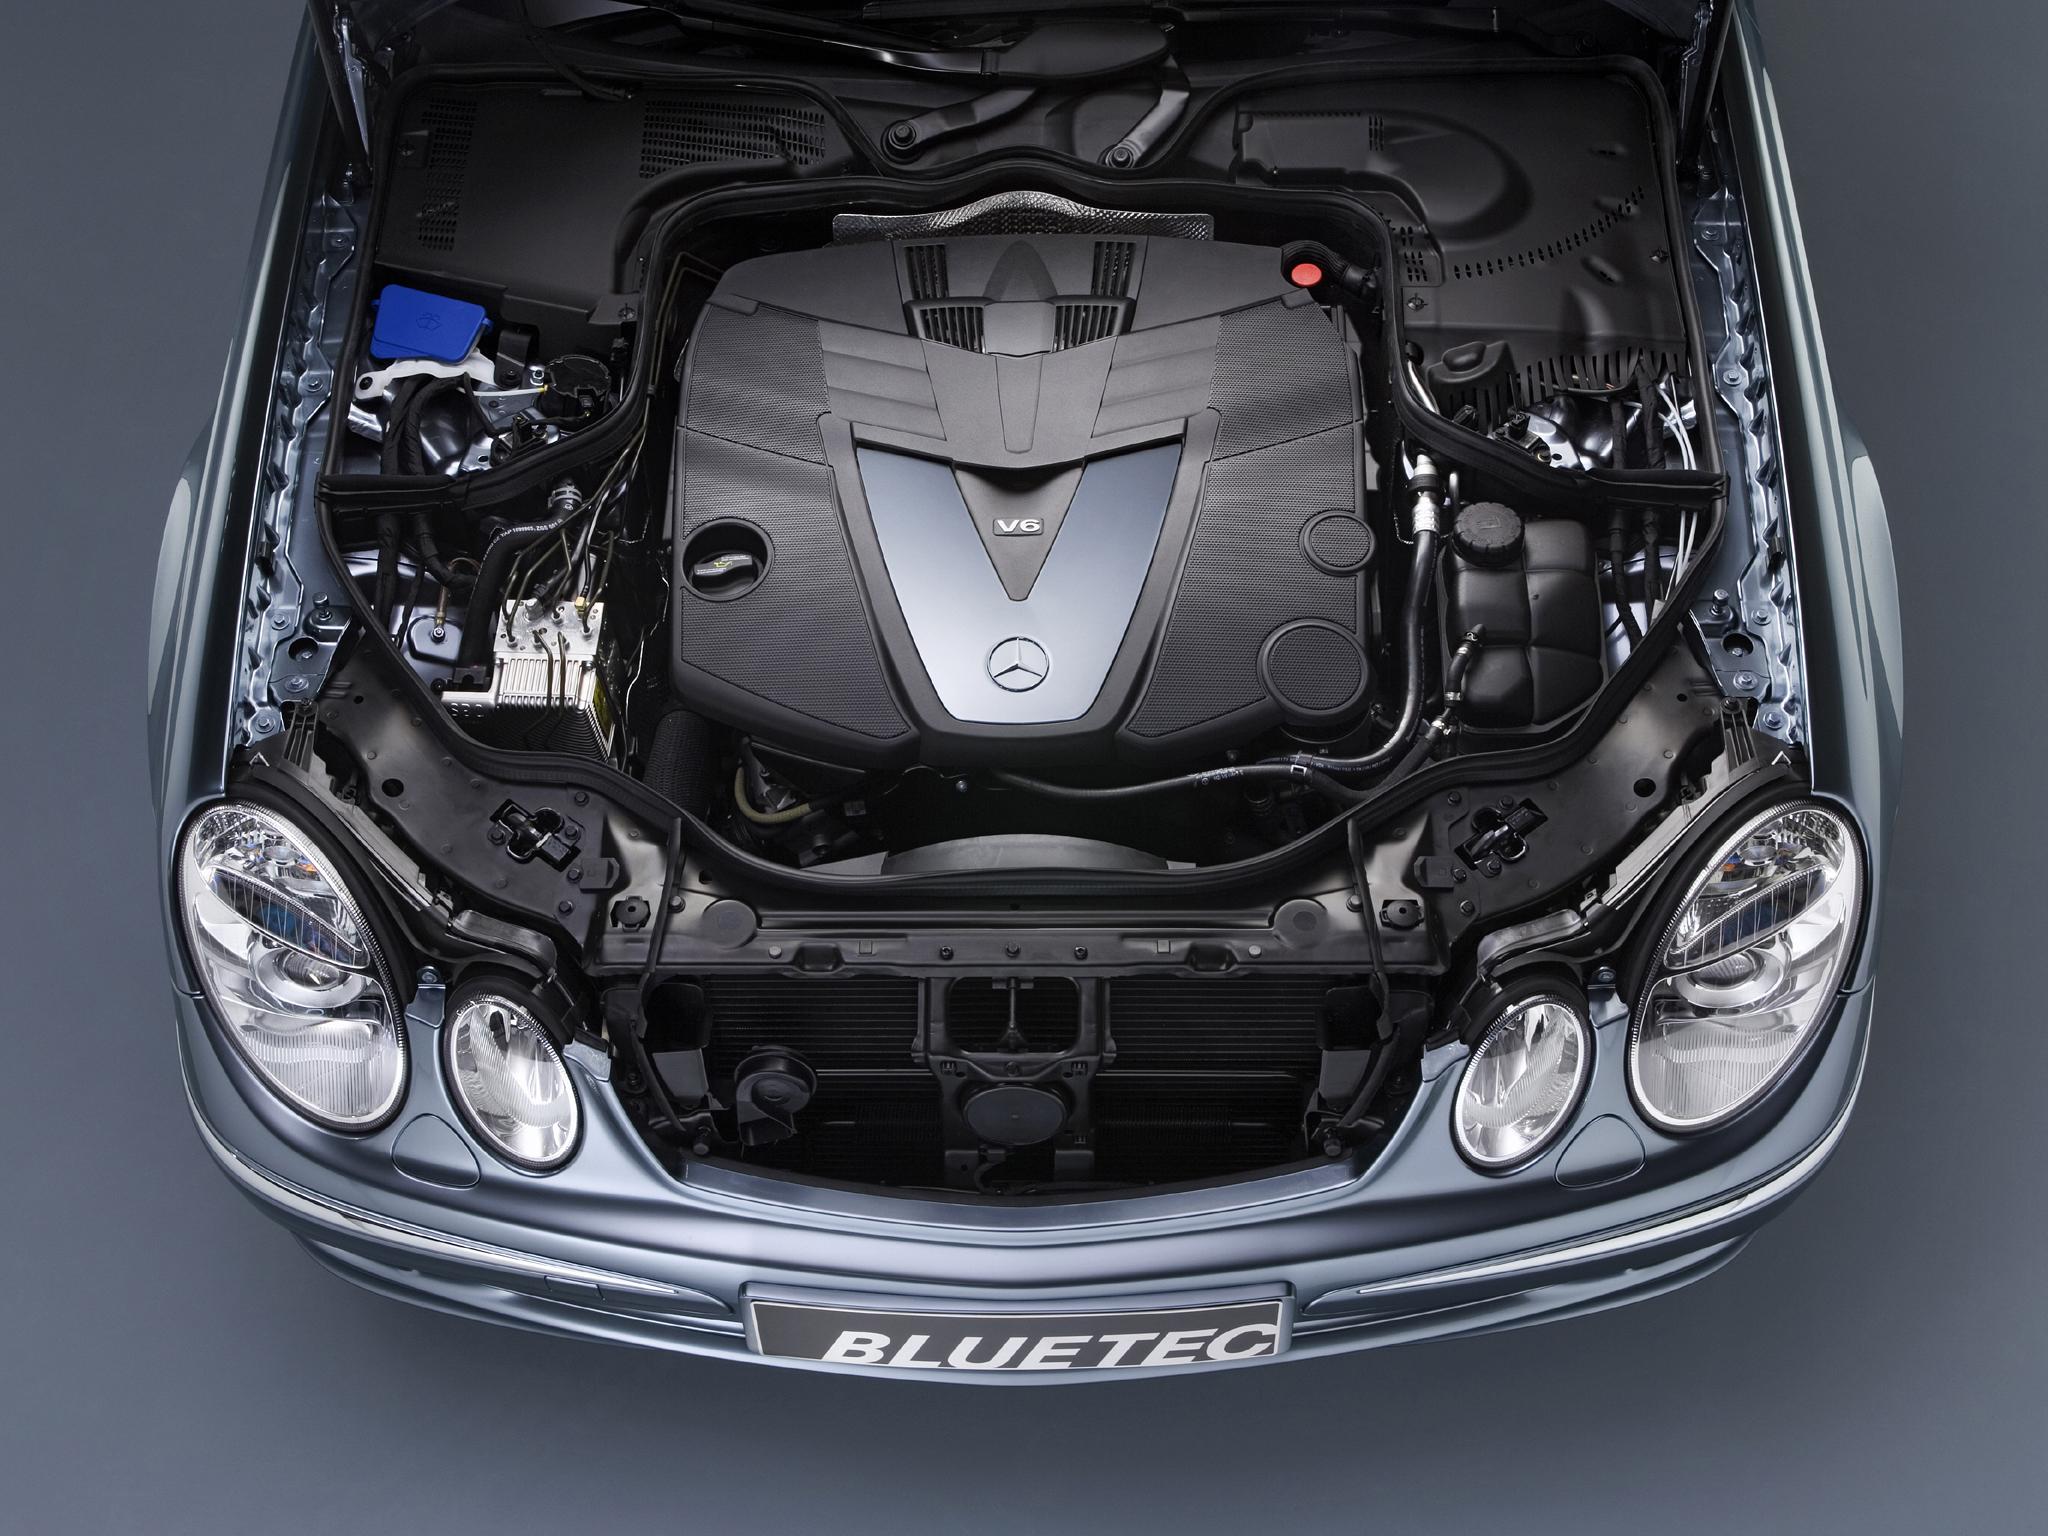 Рывки на малых оборотах в дизельном Mercedes E-Class (W211)